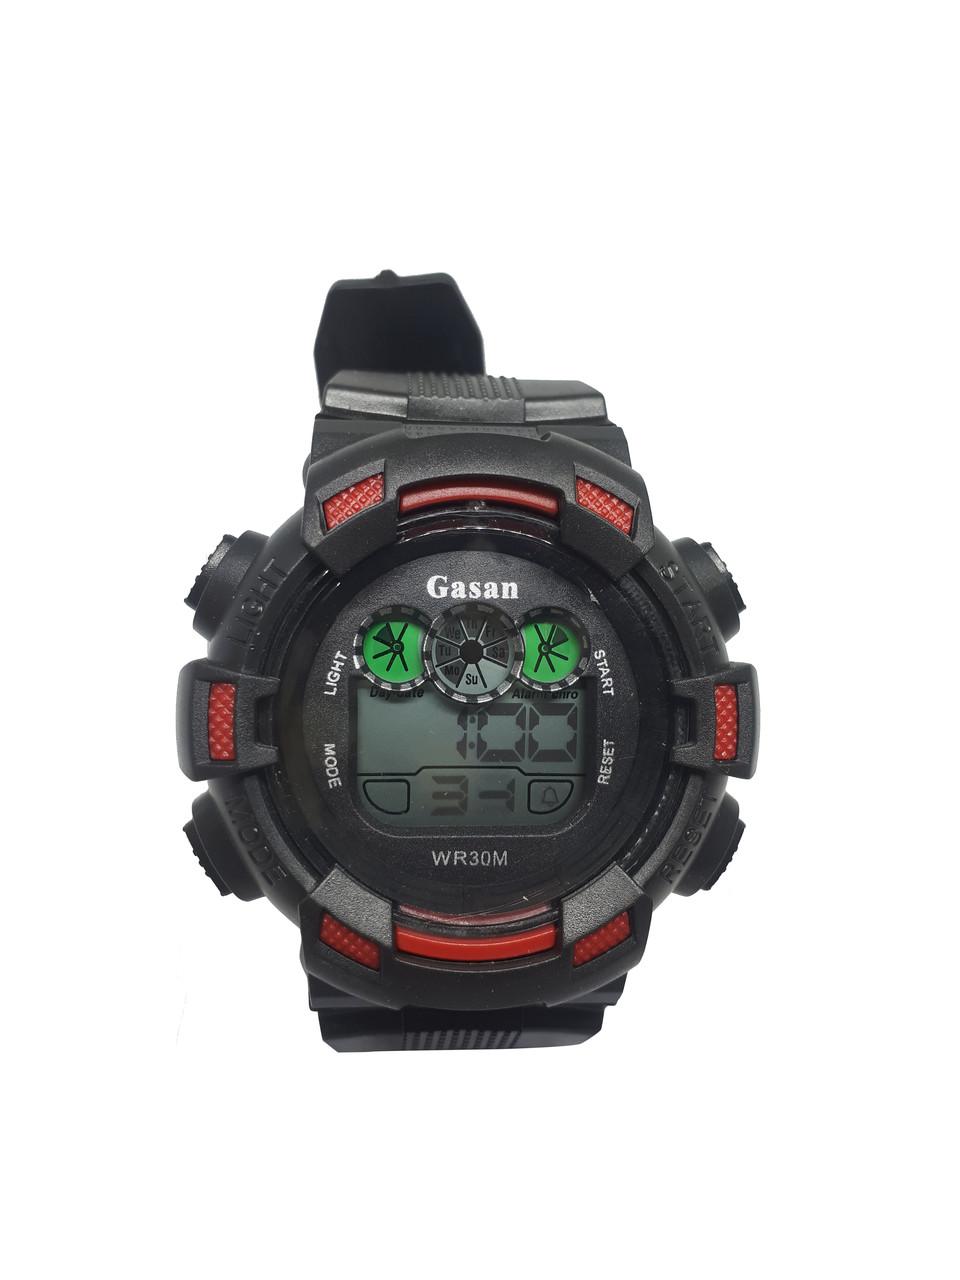 Часы электронные в пластиковой колбе Gasan с красными вставками